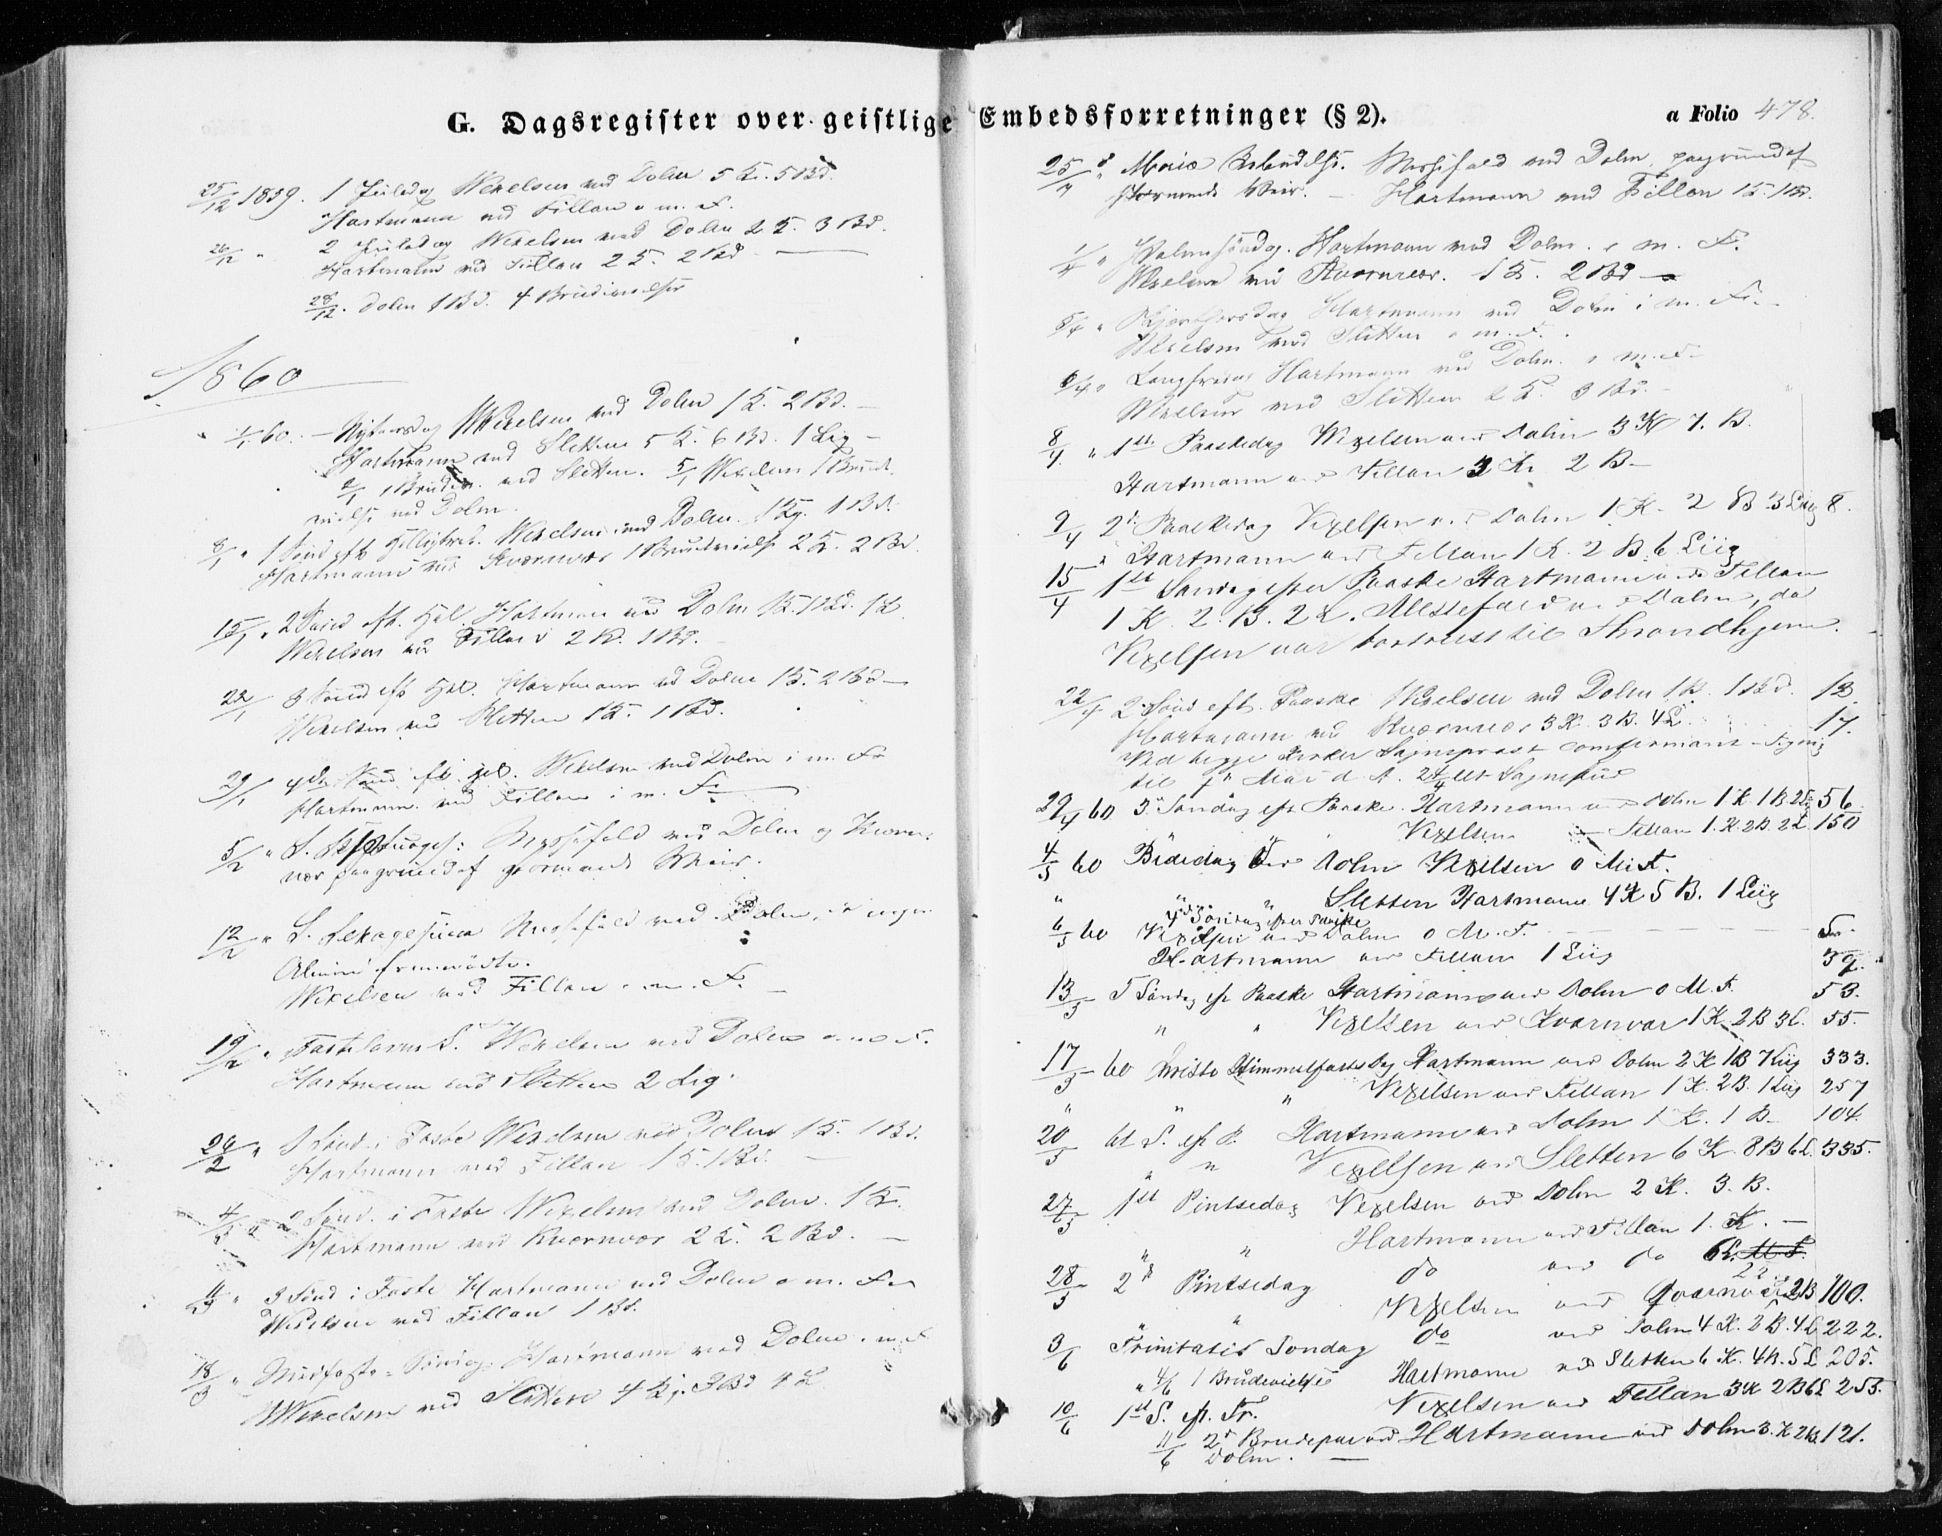 SAT, Ministerialprotokoller, klokkerbøker og fødselsregistre - Sør-Trøndelag, 634/L0530: Ministerialbok nr. 634A06, 1852-1860, s. 478